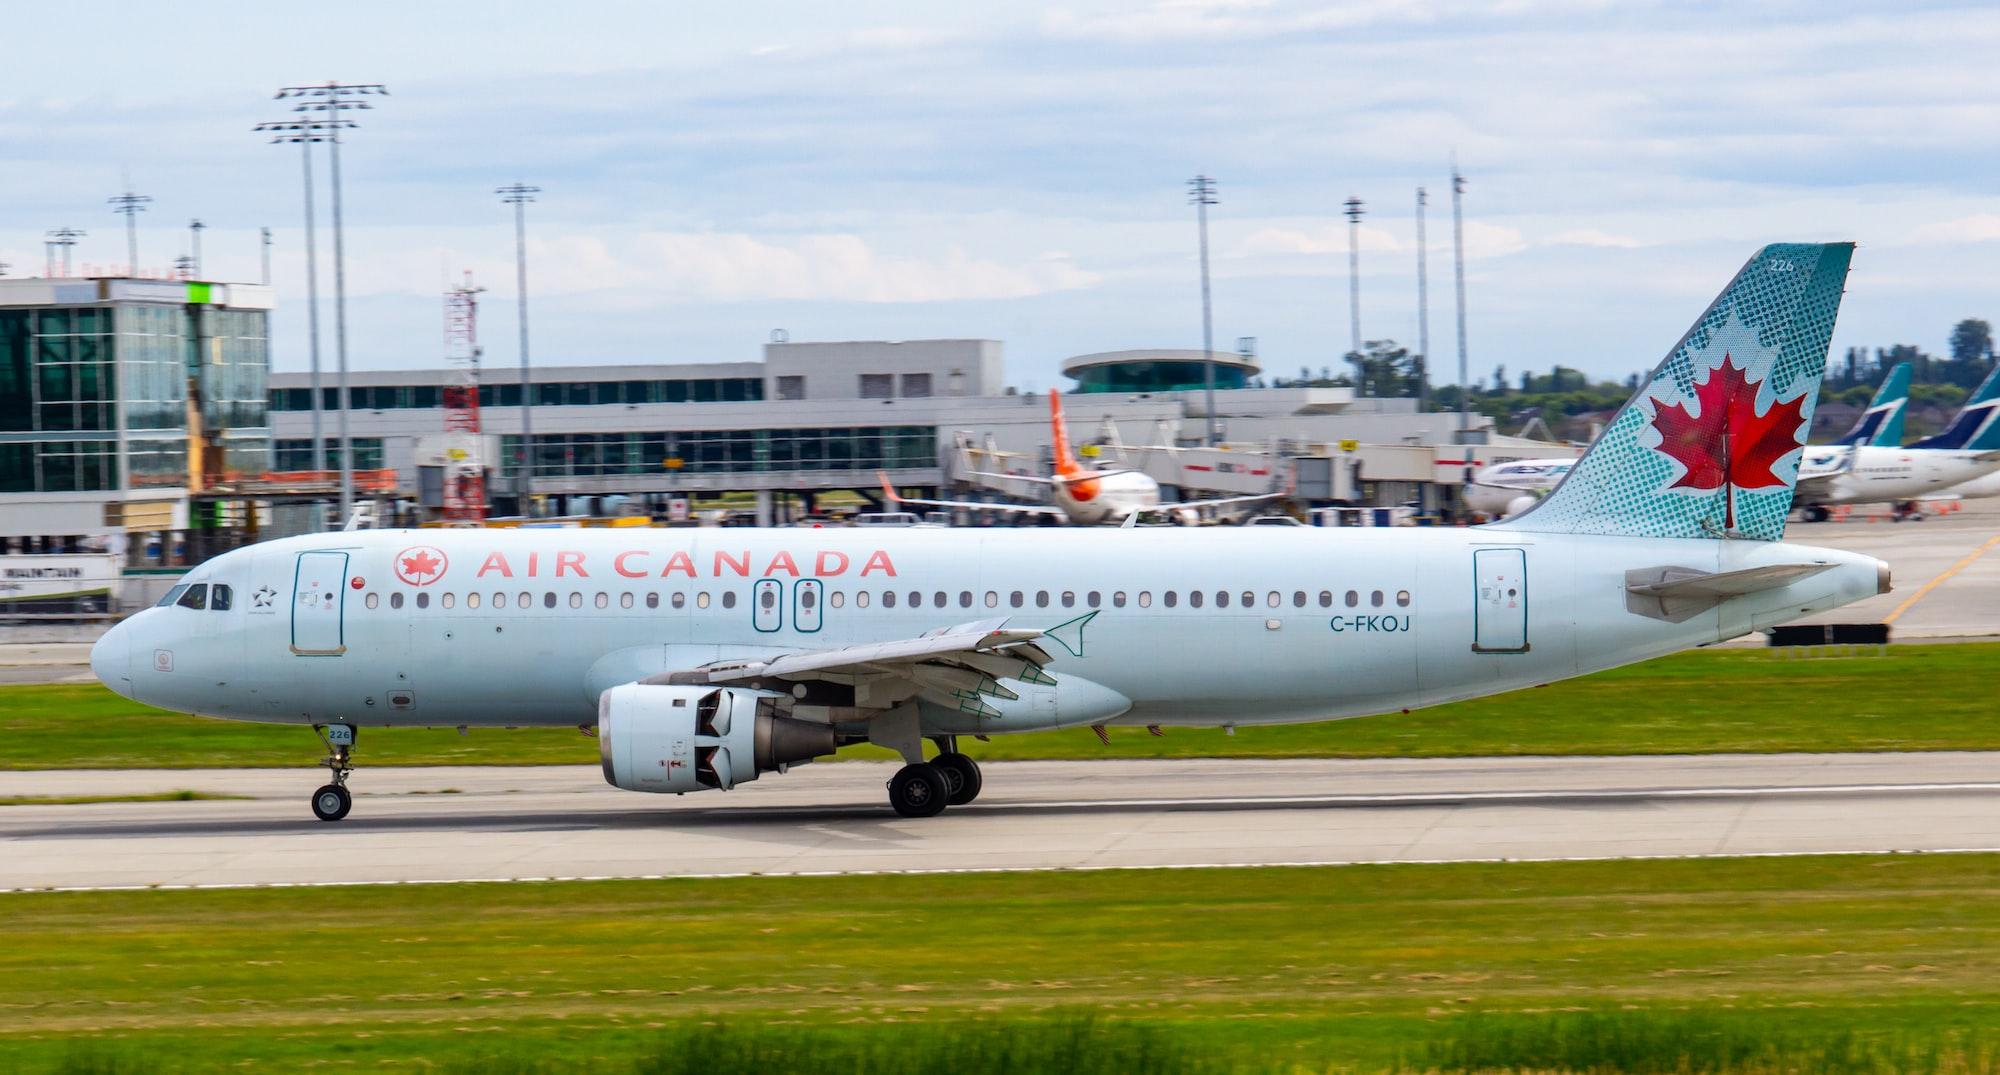 भारत में त्योहारी सीजन: कनाडा की इस एयरलाइंस ने आज से बढ़ाई उड़ानें